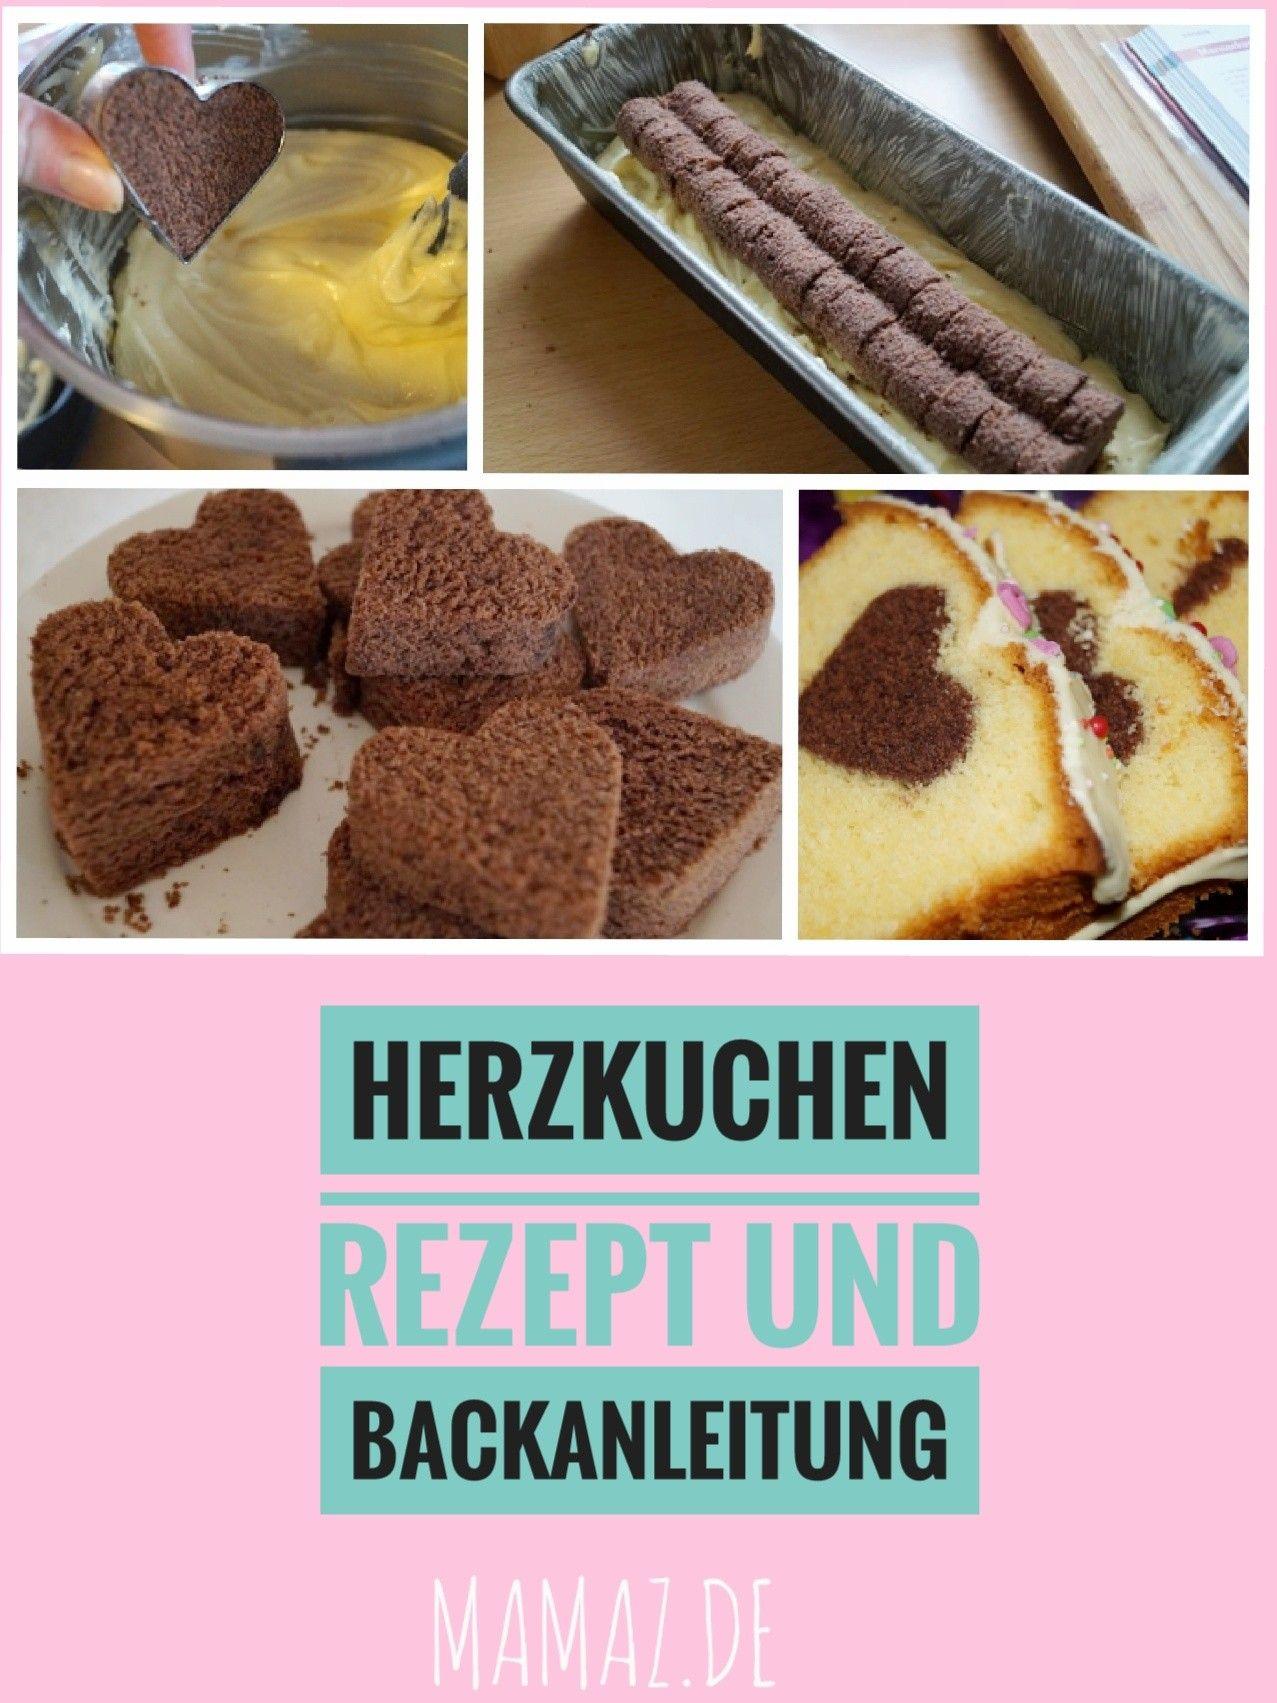 Der Kuchen mit Herz innen ist ein Hingucker Rezept und Bastel